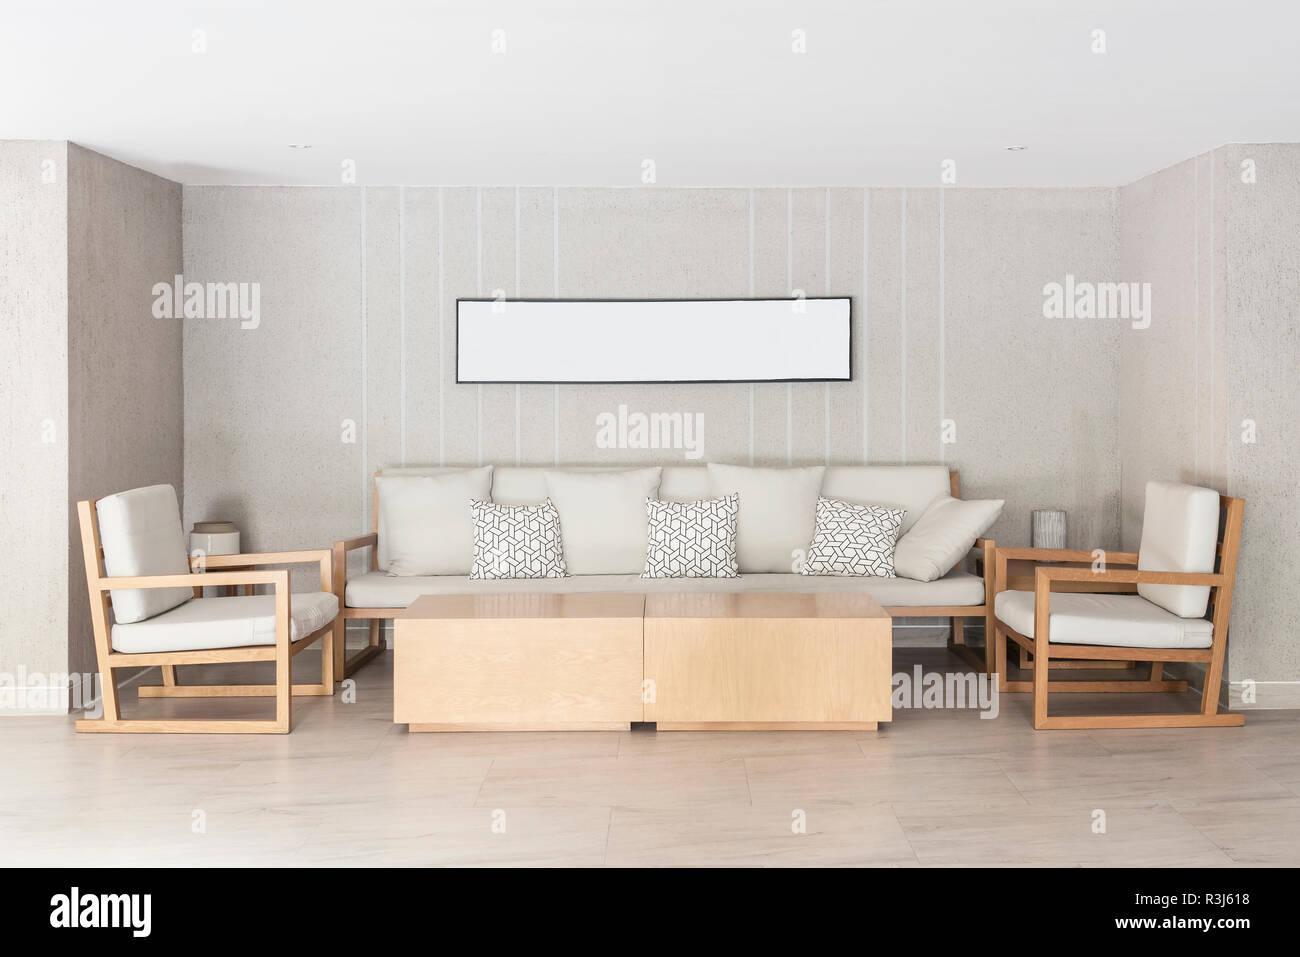 Entspannen Ecke Im Haus Sofa Und Sessel Mit Bilderrahmen Aufhangen